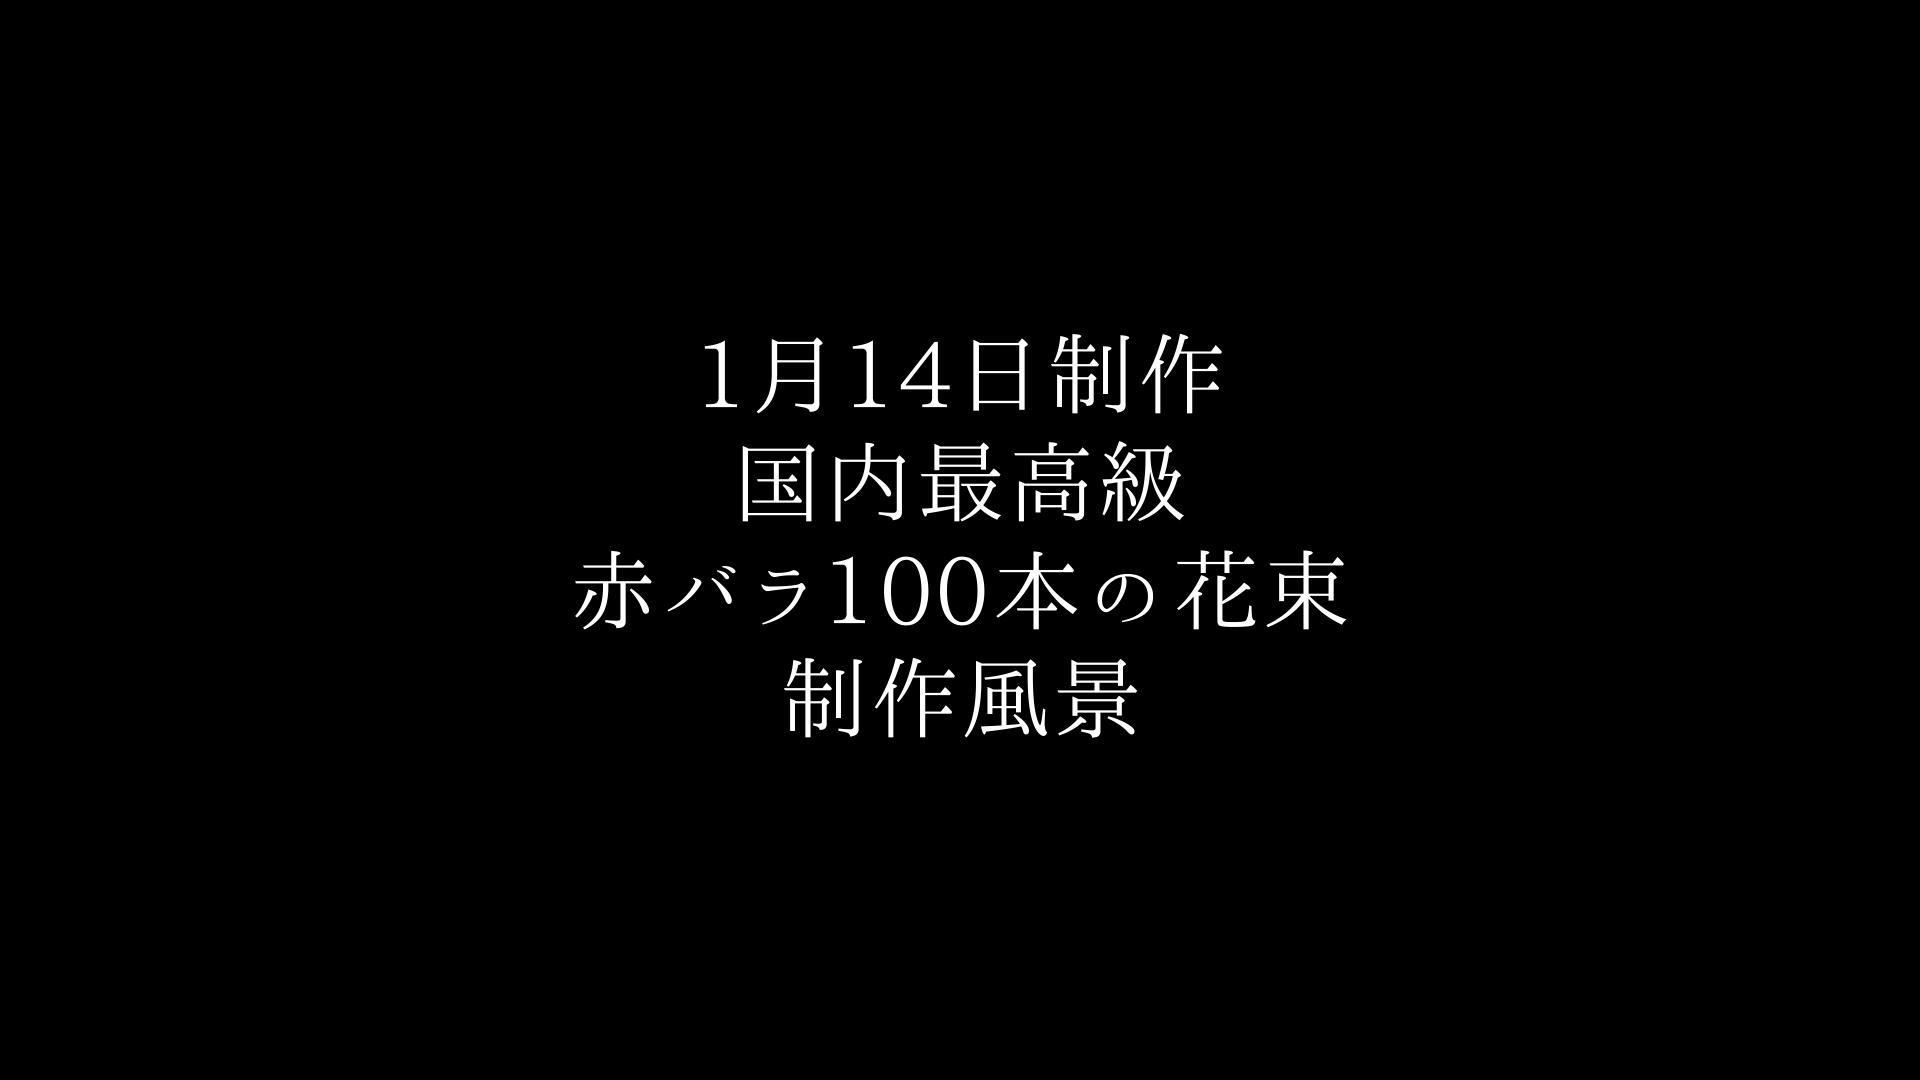 国内最高級バラ100本の花束制作動画 2021.01.14撮影